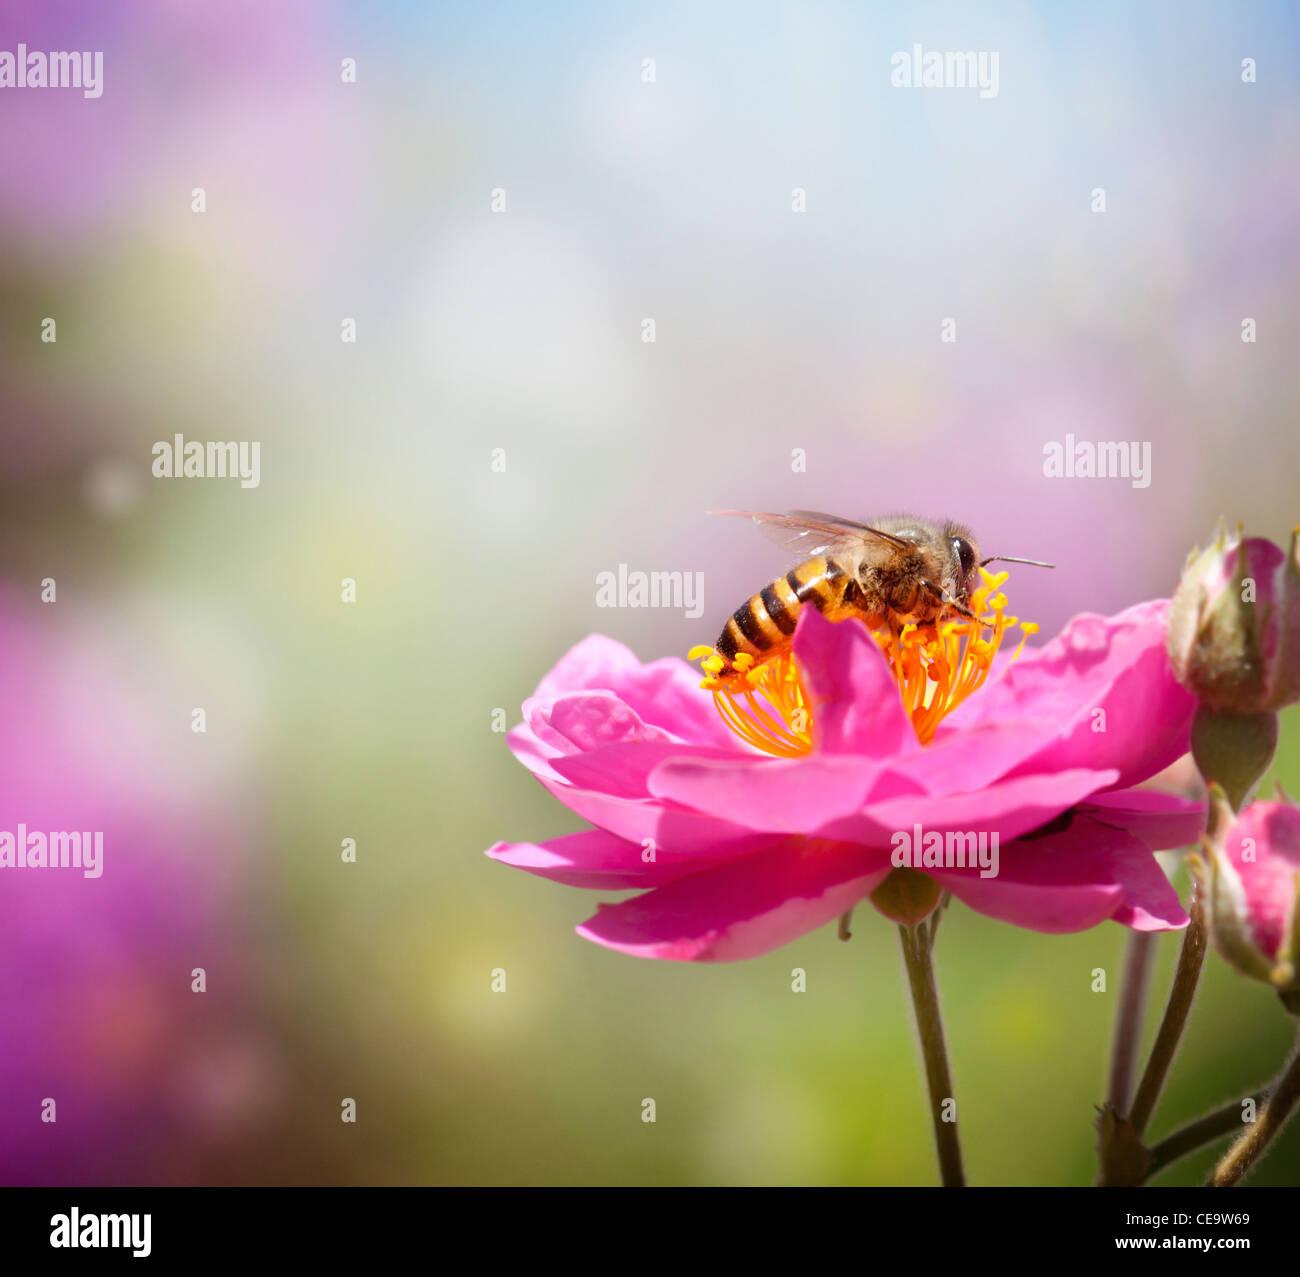 Bienen sammeln Honig auf rosa Blume Nahaufnahme Stockbild